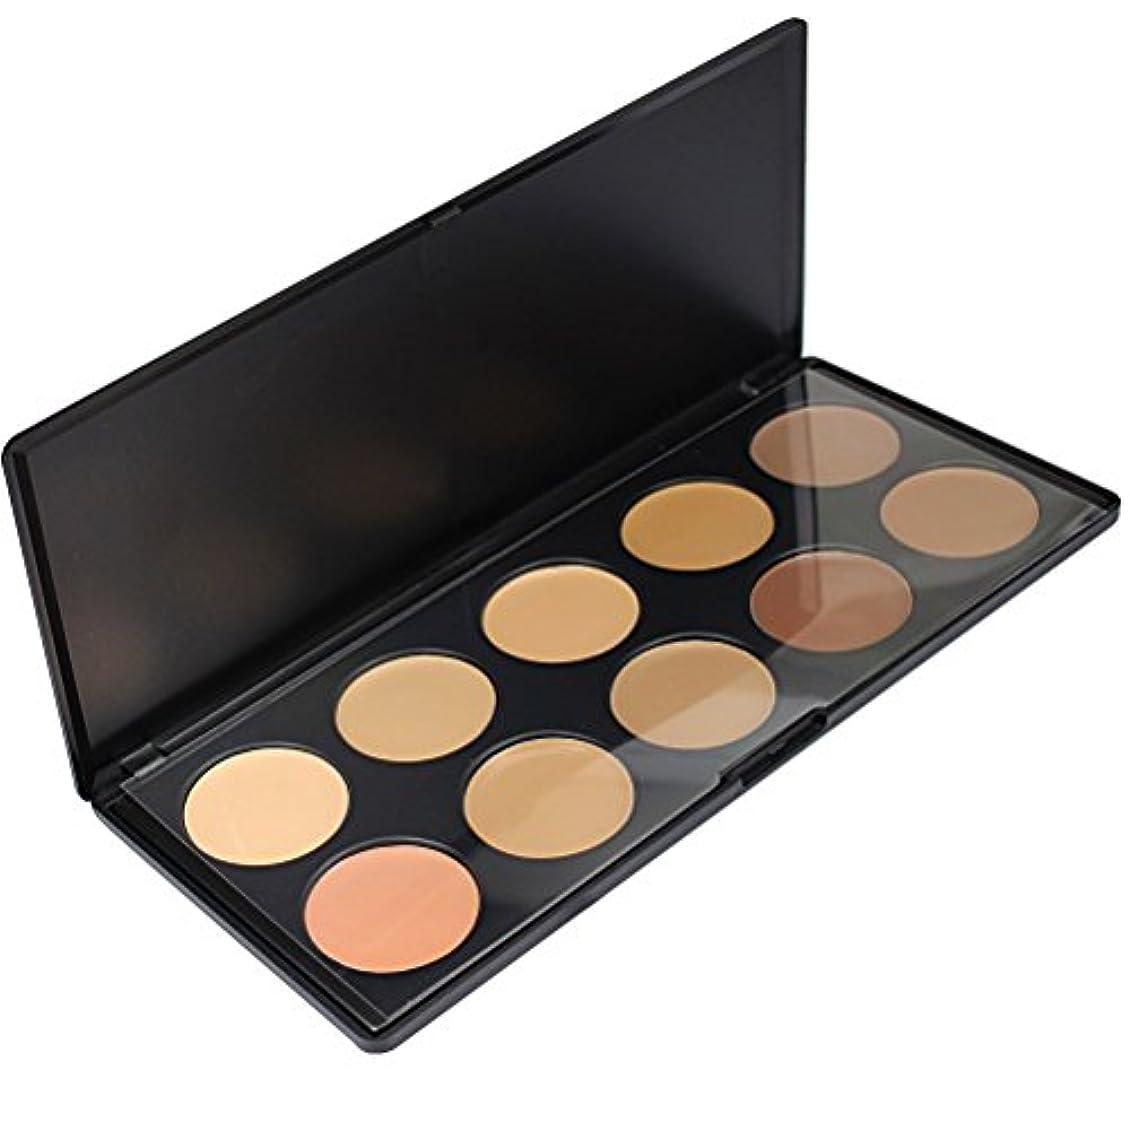 自動車突っ込む発表するメイクアップエーシーシー (MakeupAcc) 10色コンシーラーパレット アイシャドウパレット メイクアップセット [並行輸入品]